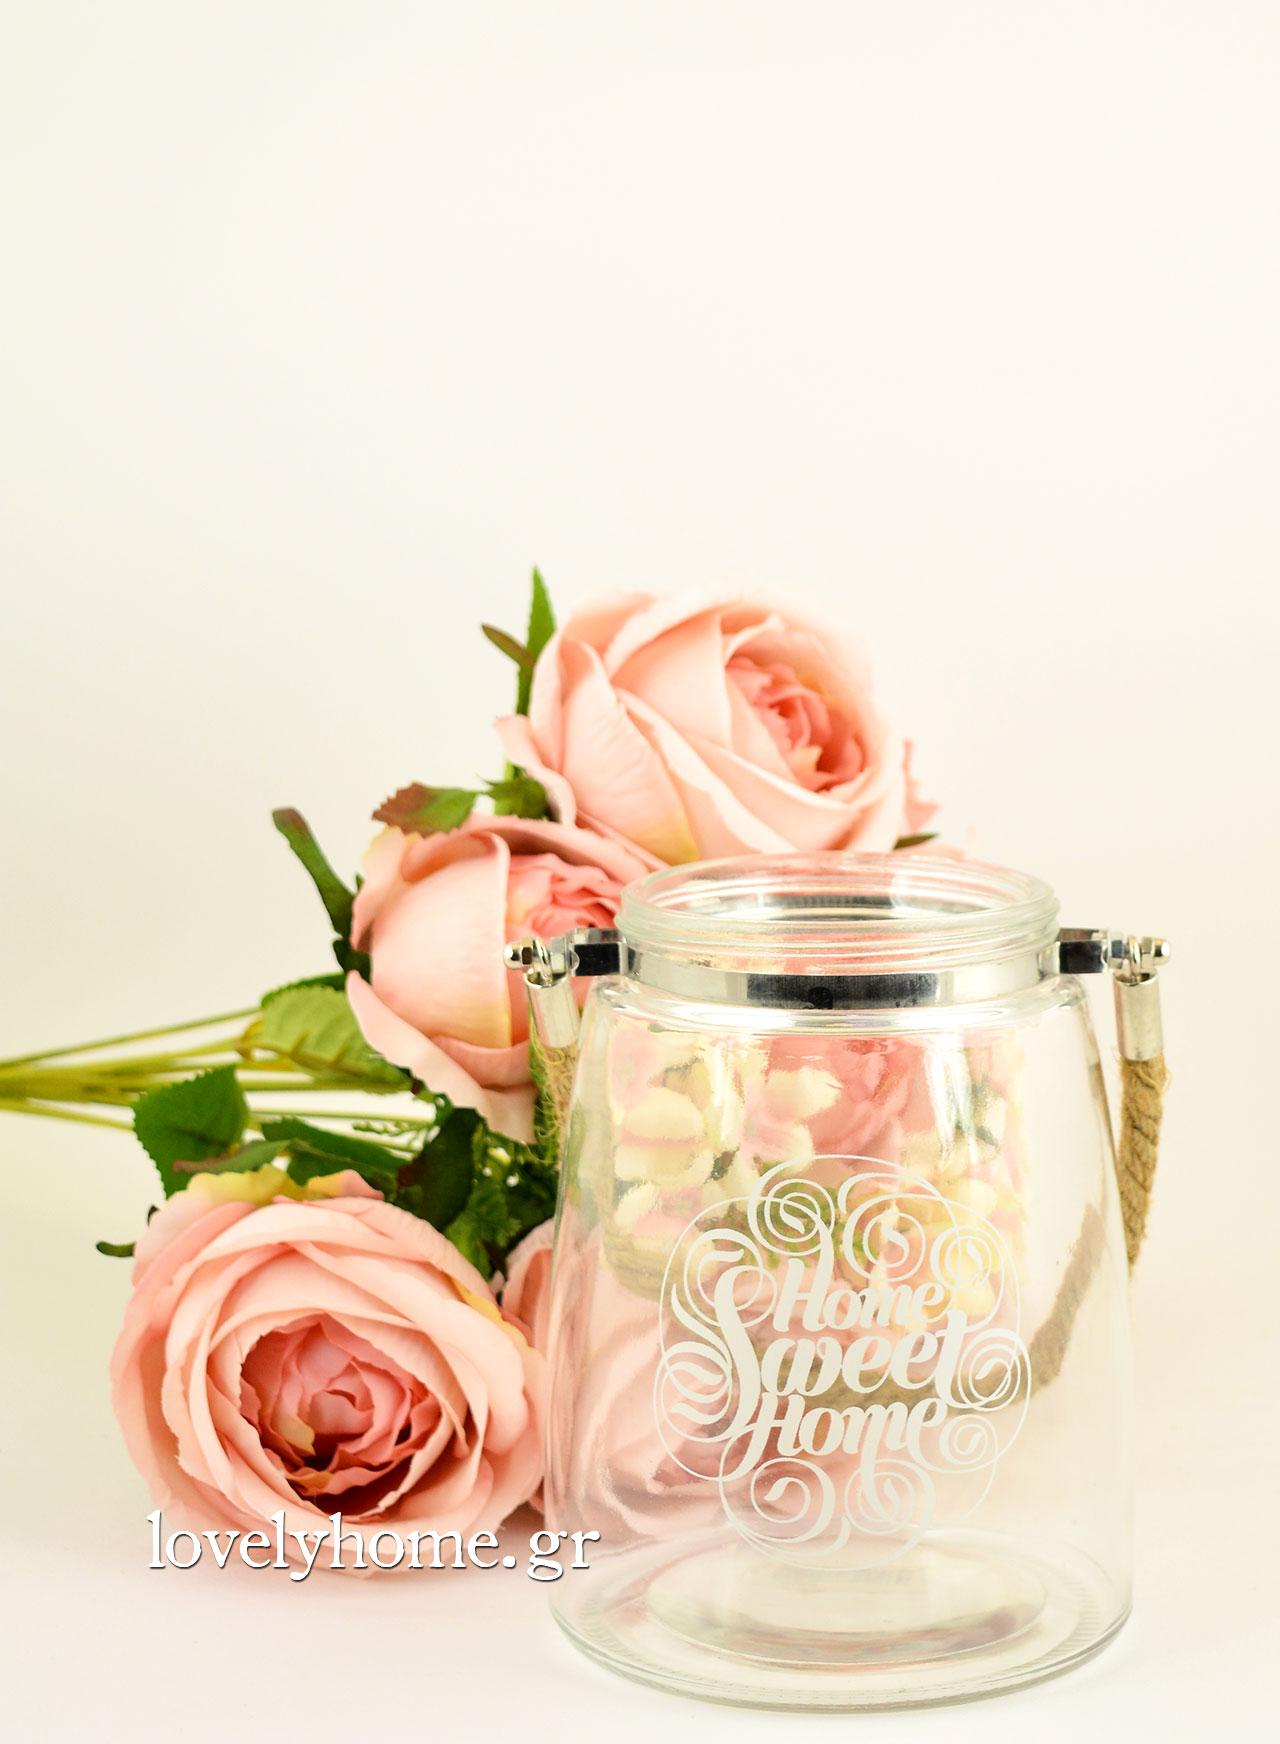 Μπουκέτο με συνθετικά λουλούδια και γυάλινο βάζο φανάρι με χερούλι από τριχιά ναυτικό σχοινί